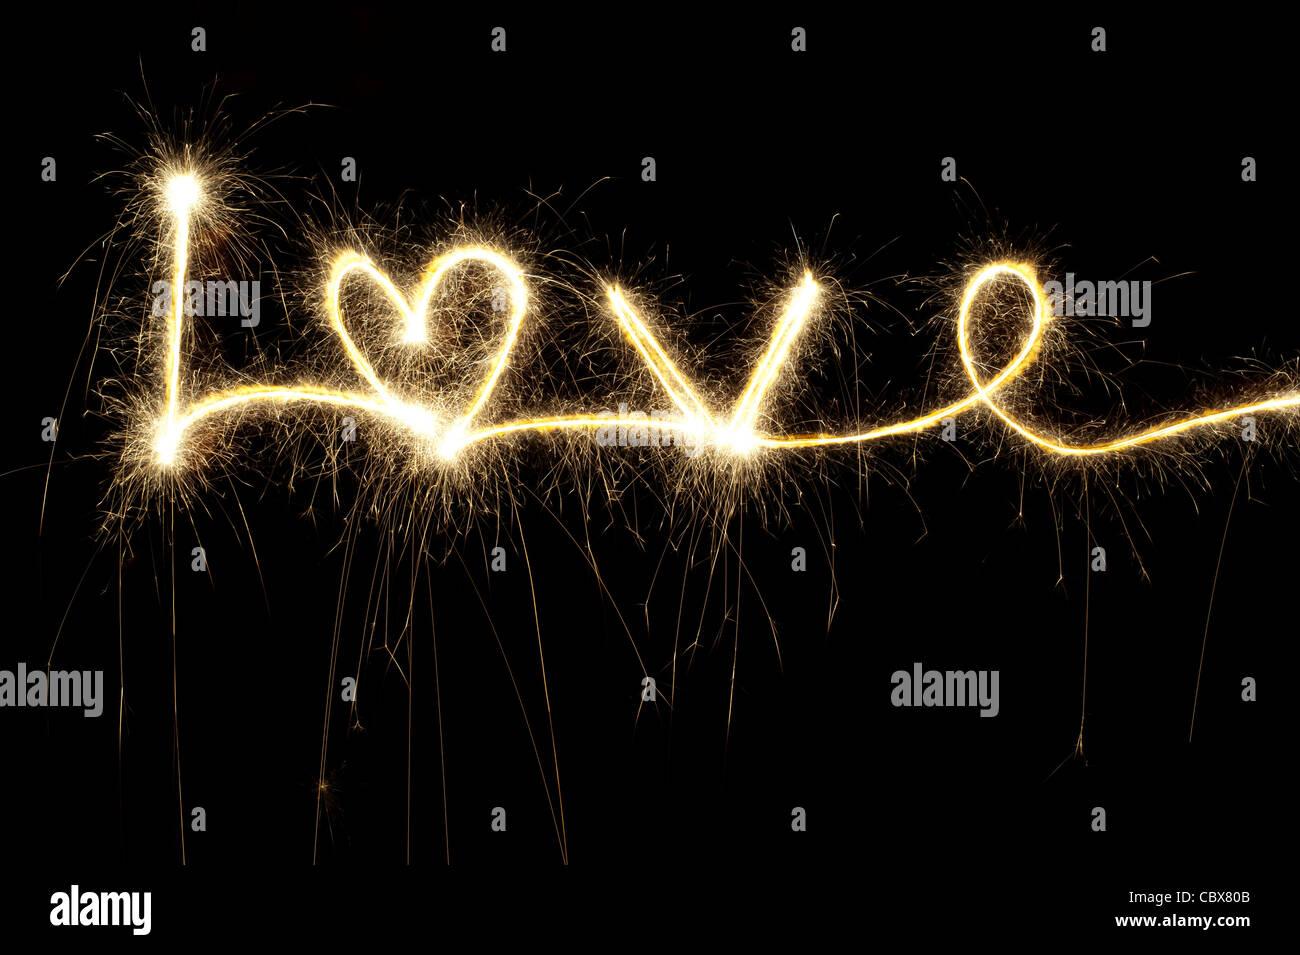 Amour écrit avec un cierge magique la nuit, y compris une forme de coeur Photo Stock